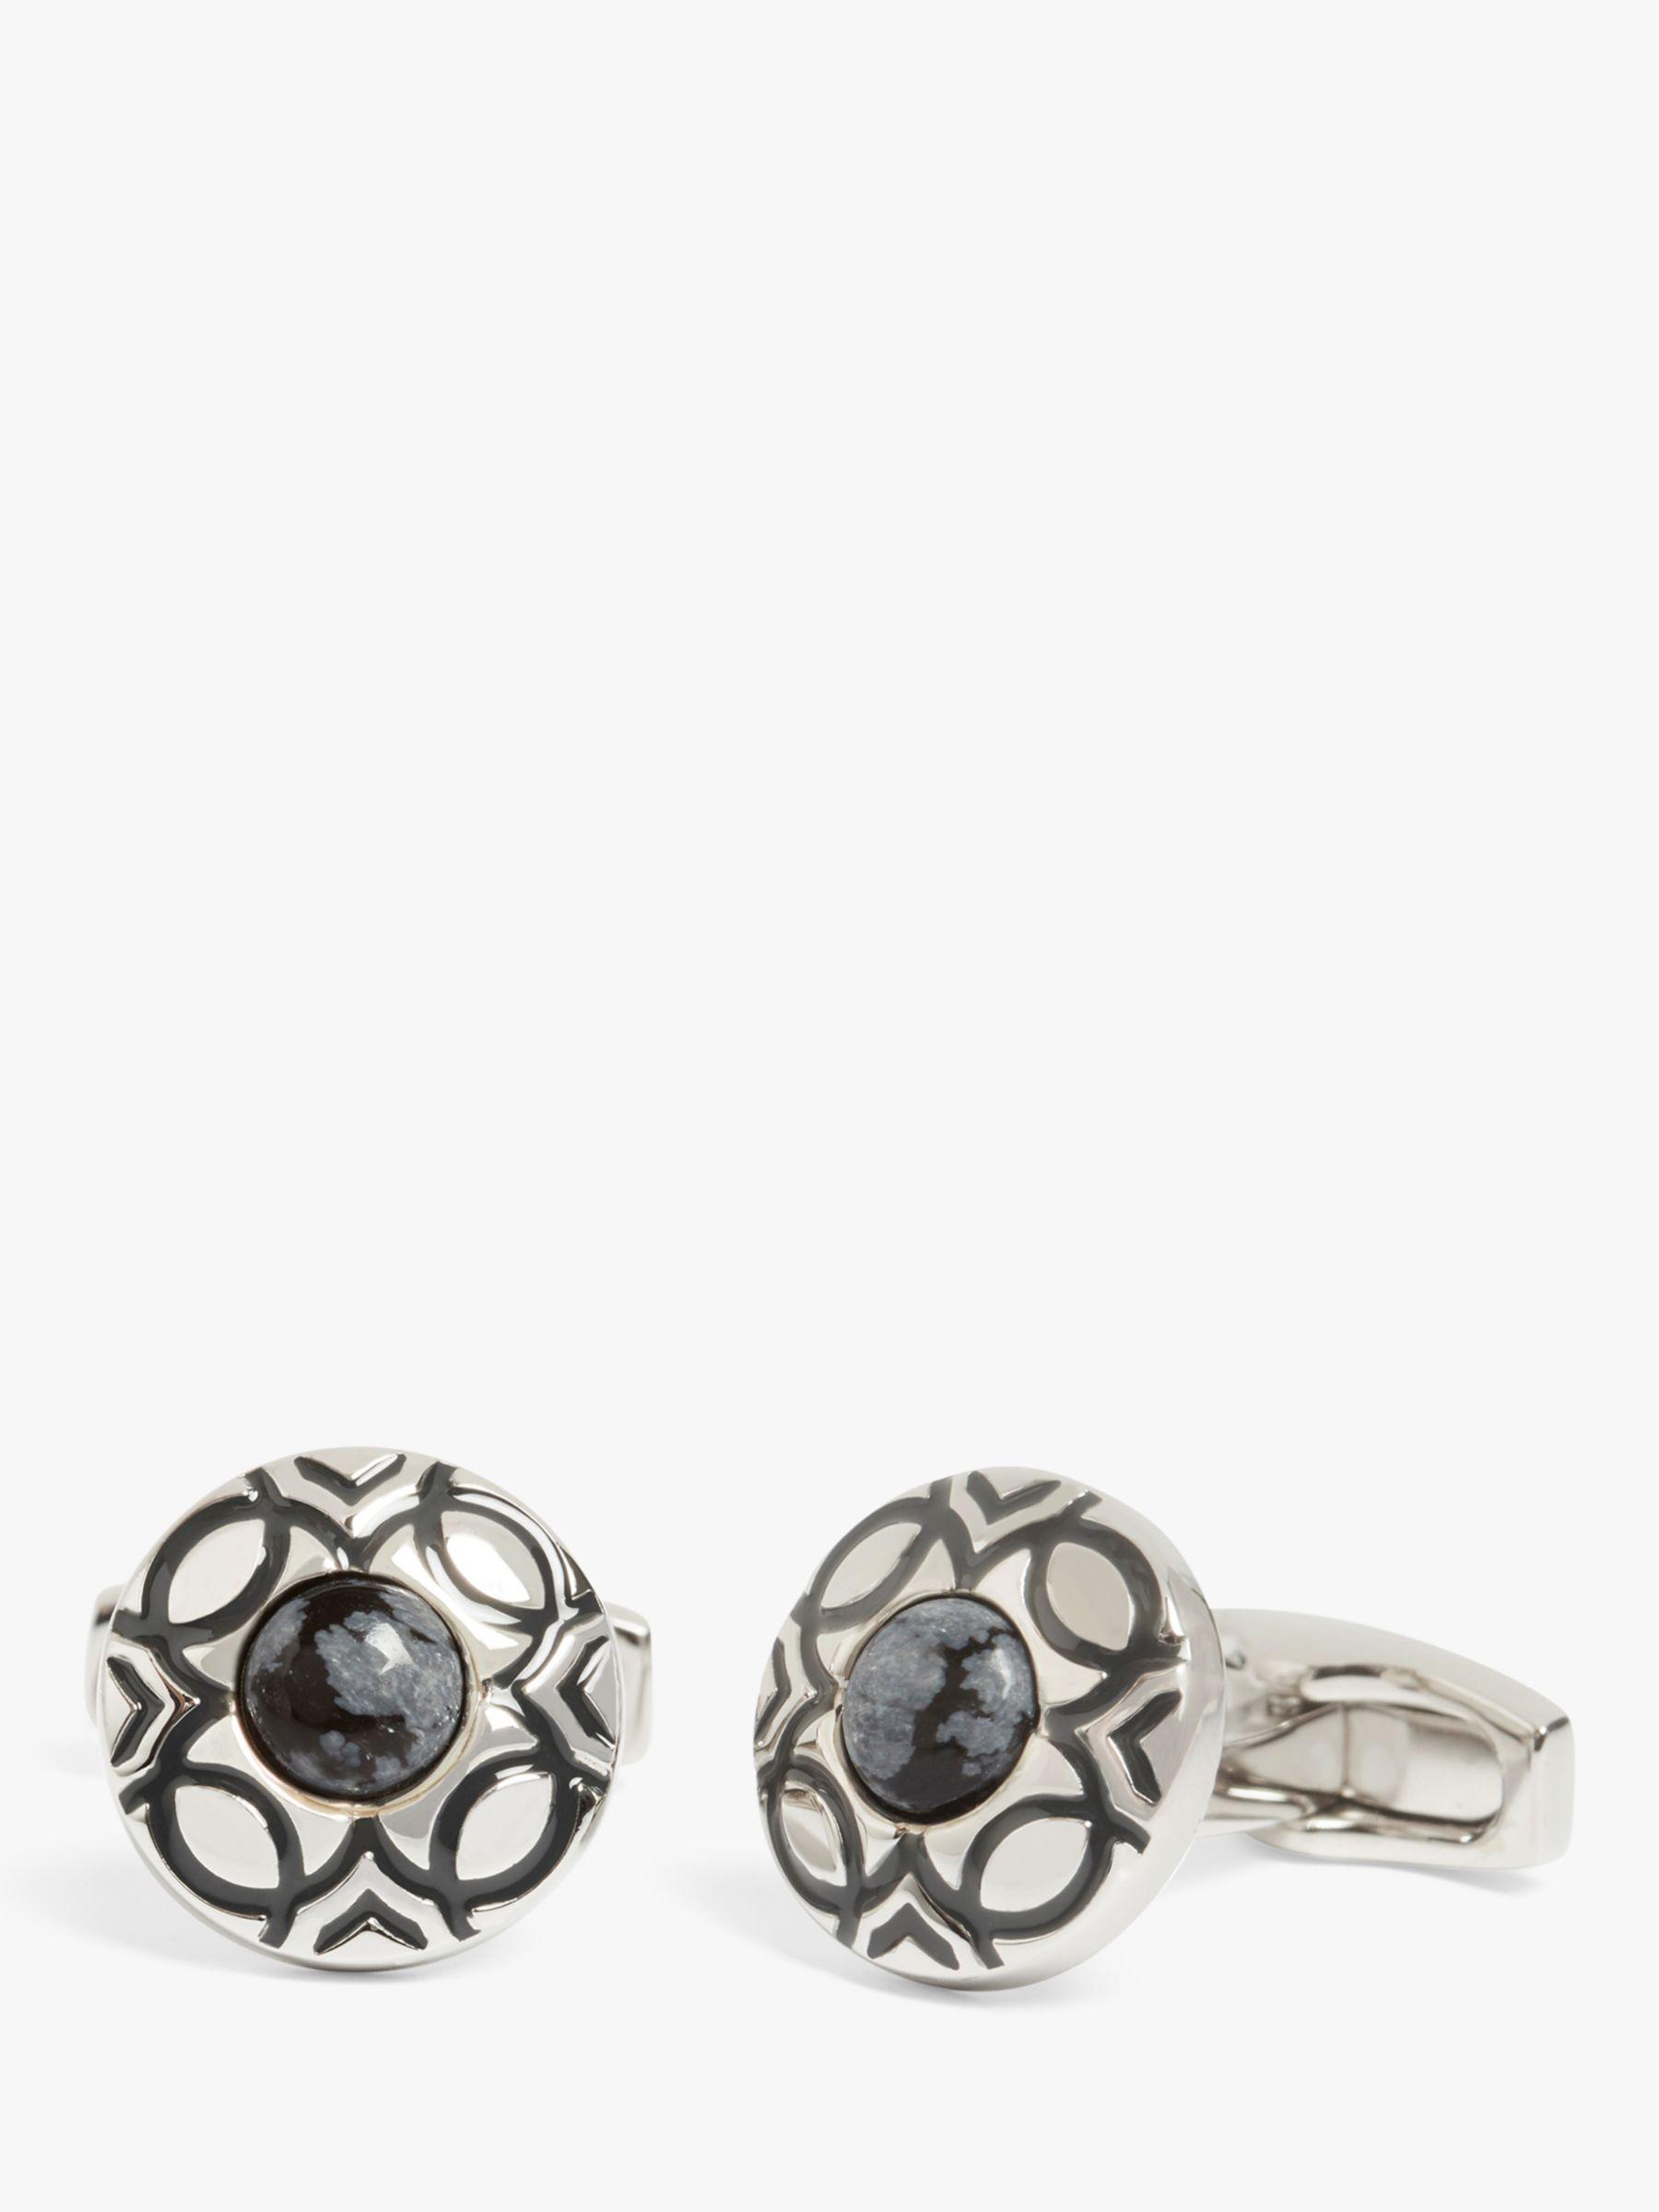 Simon Carter Simon Carter Marakesh Button Cufflinks, Silver